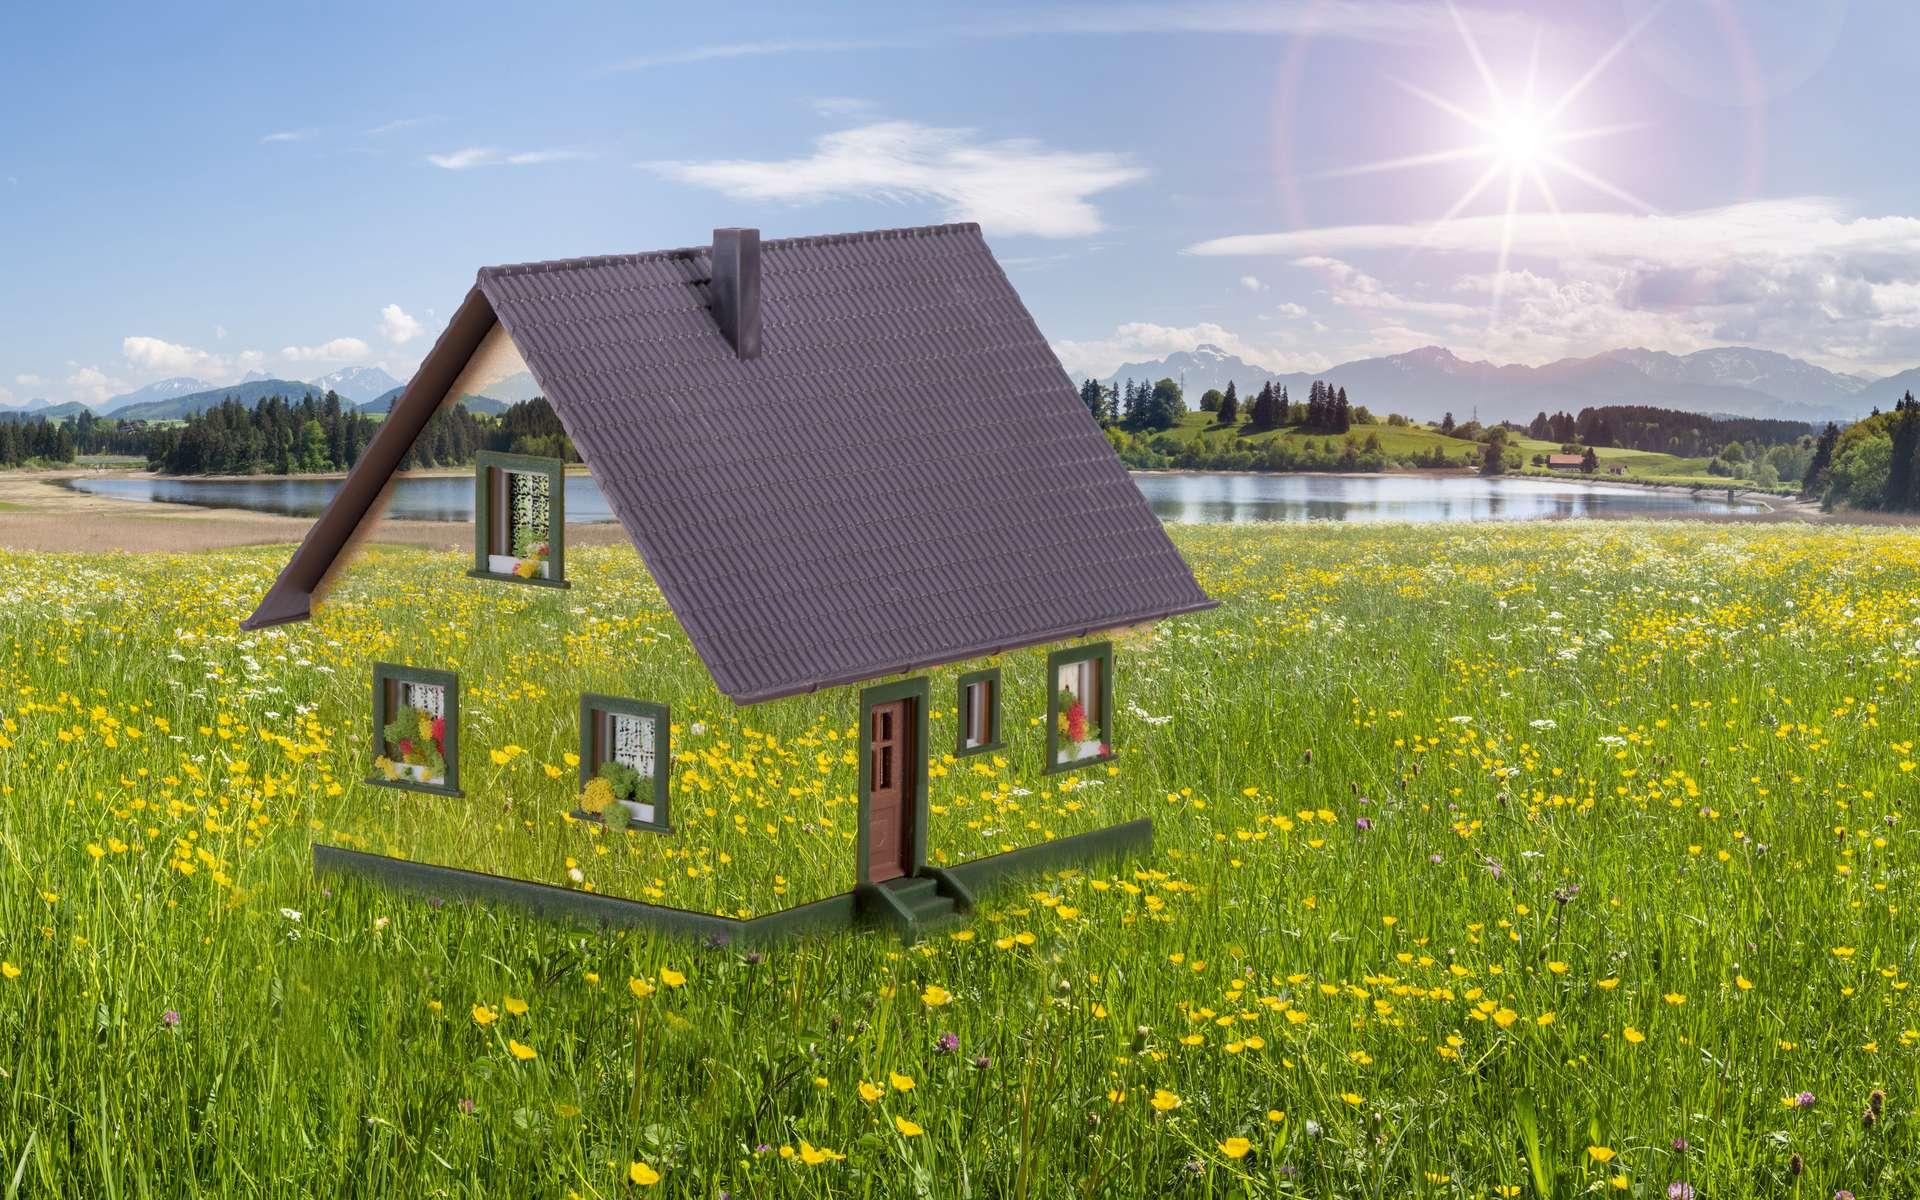 Découvrez le coût moyen de l'investissement pour la construction d'une maison écologique et les avantages de ce type d'habitat. © Wolfilser, Adobe Stock